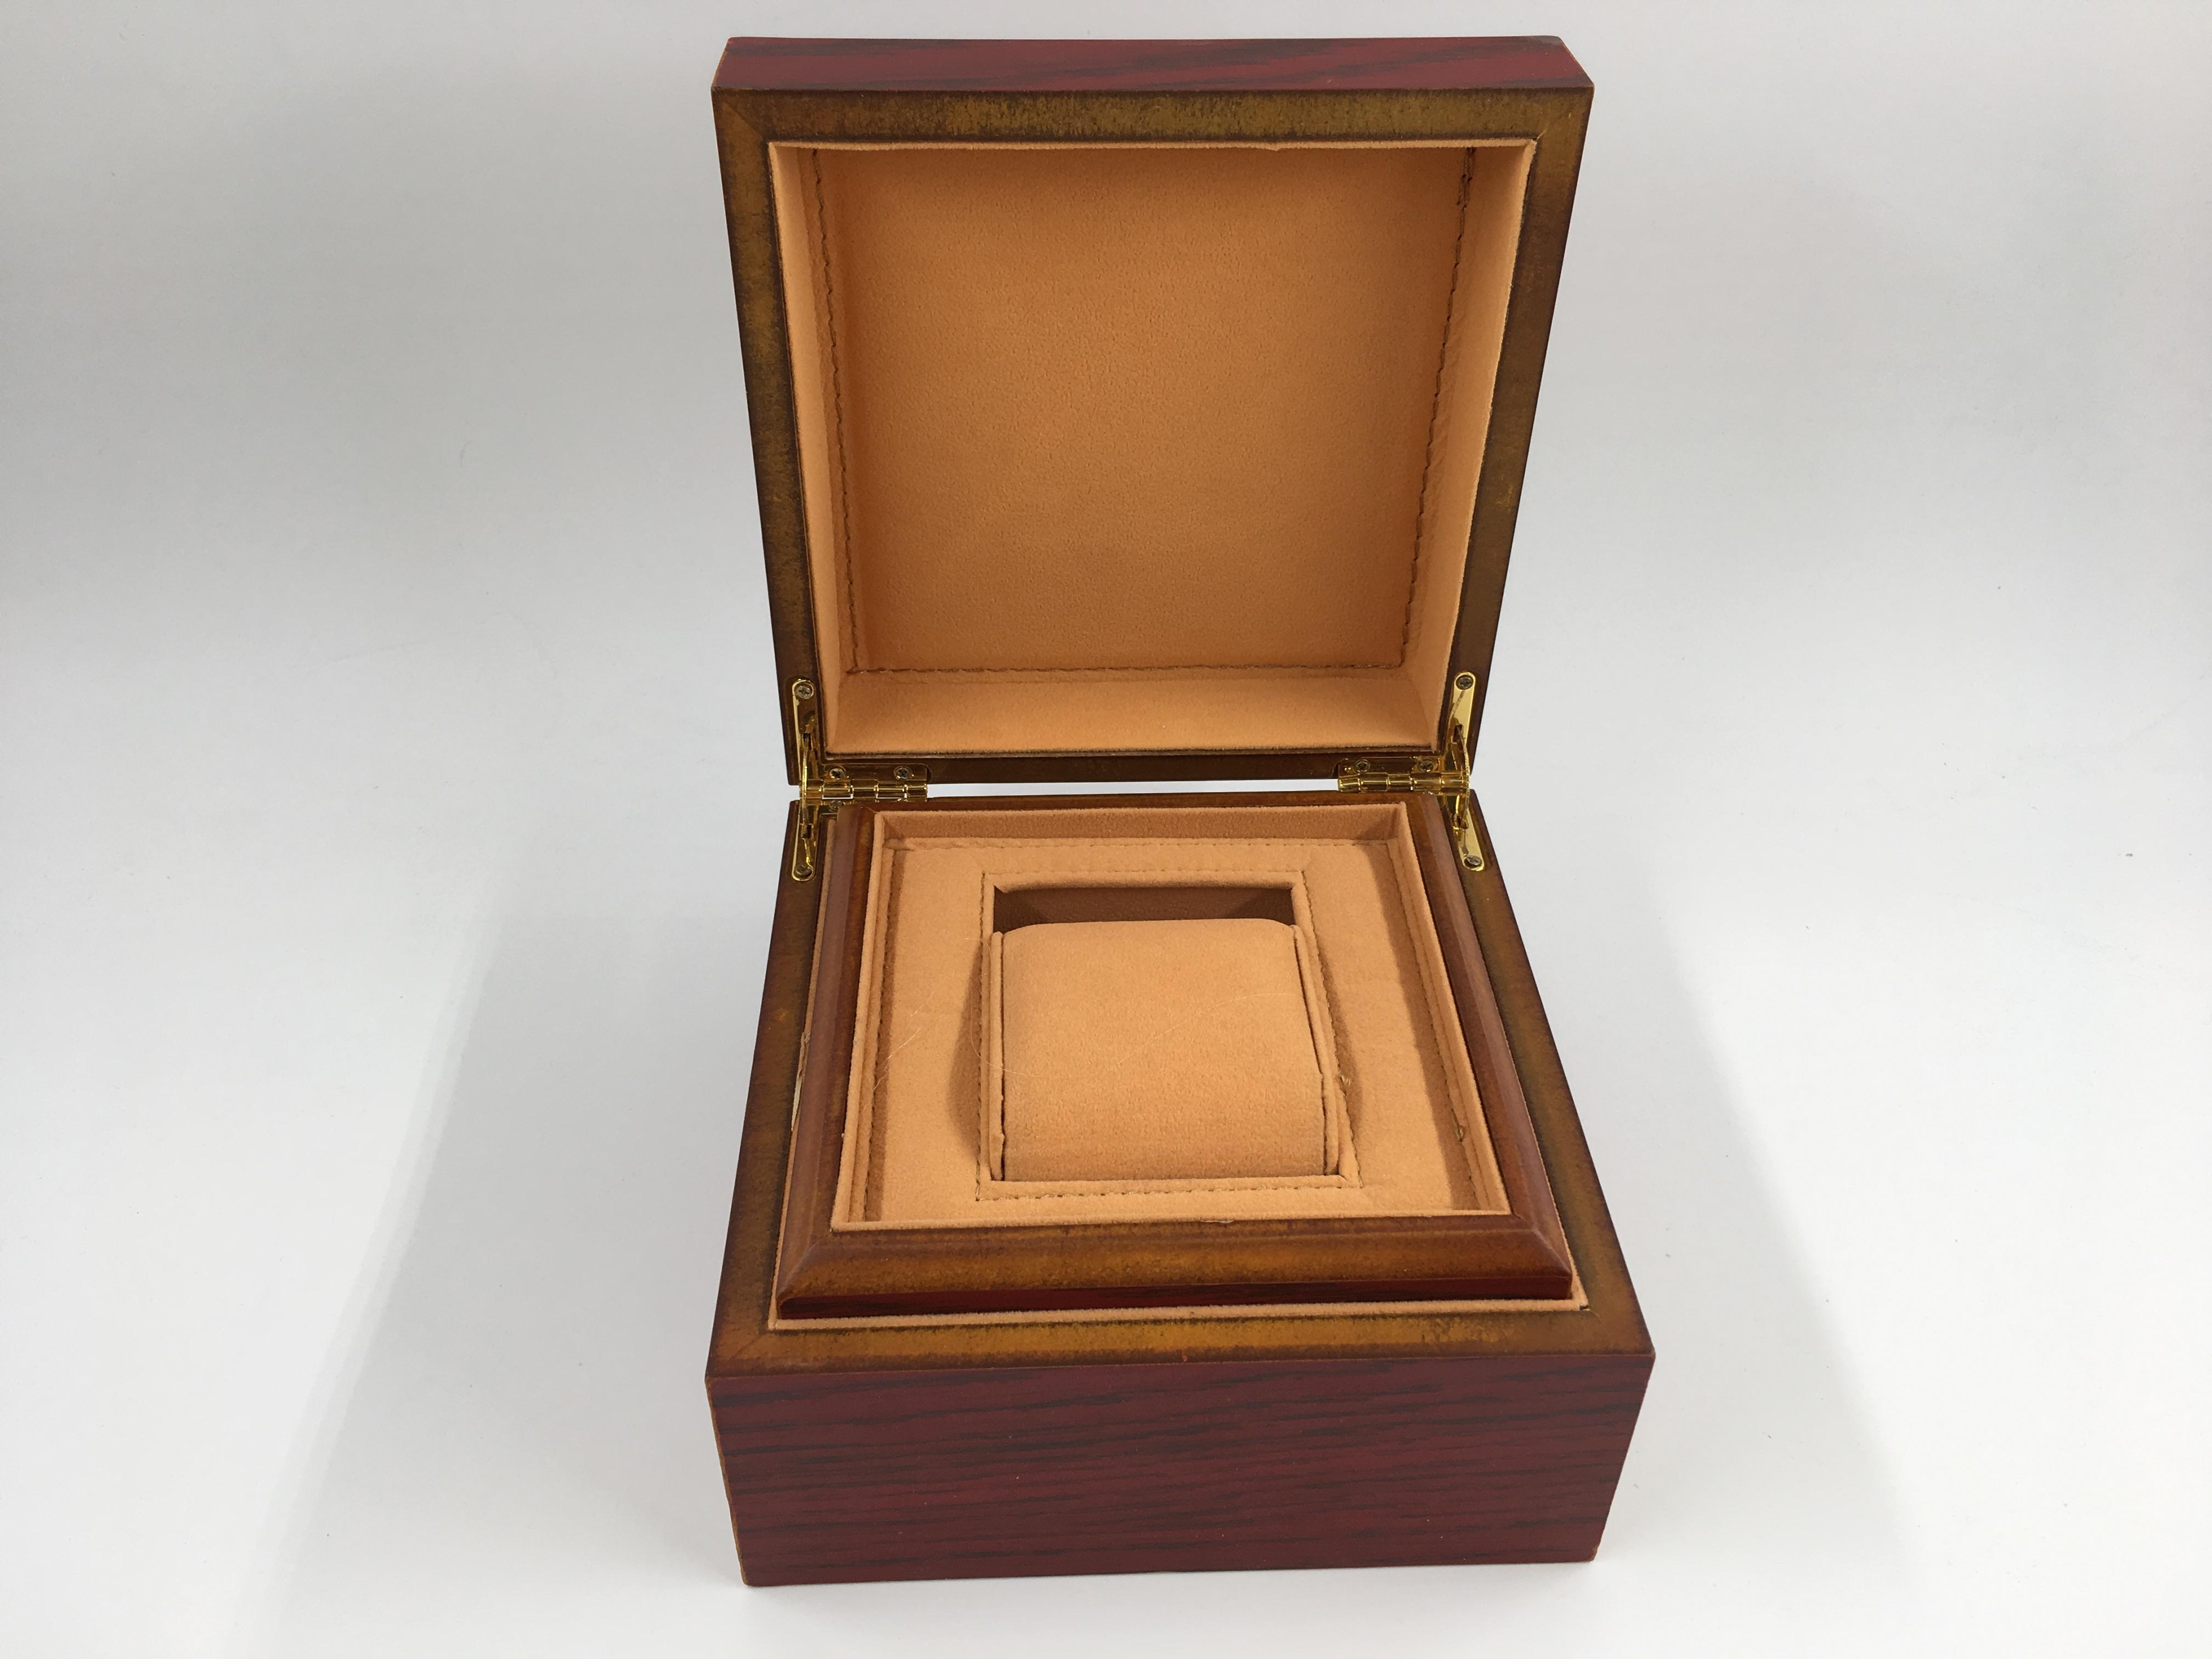 กล่องใส่นาฬิกาแบบ 1 เรือน งานไม้ แนววินเทจ